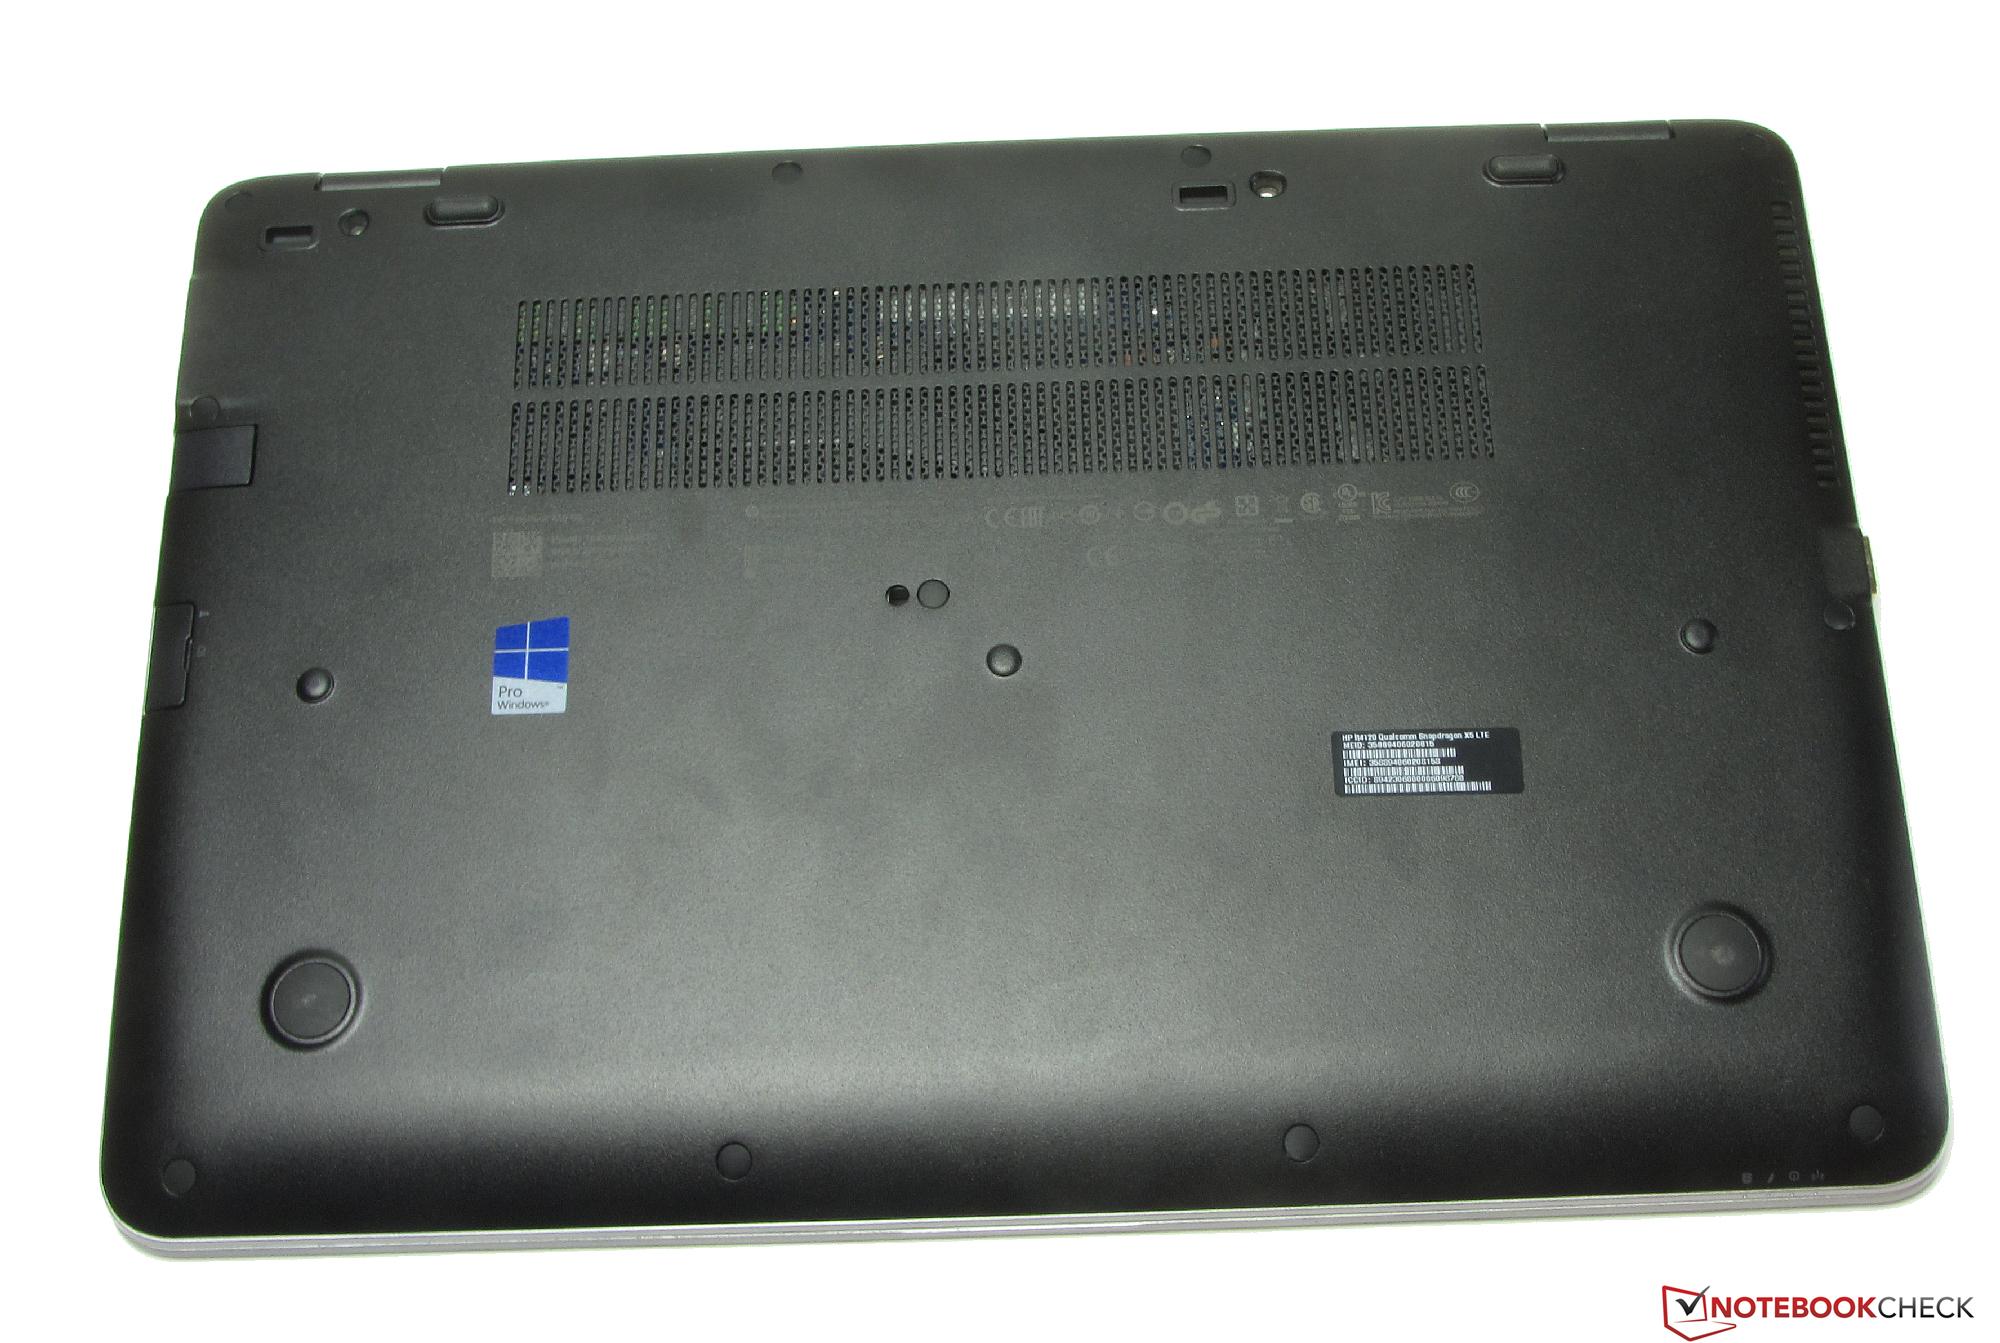 HP EliteBook 850 G3 Notebook Review - NotebookCheck net Reviews